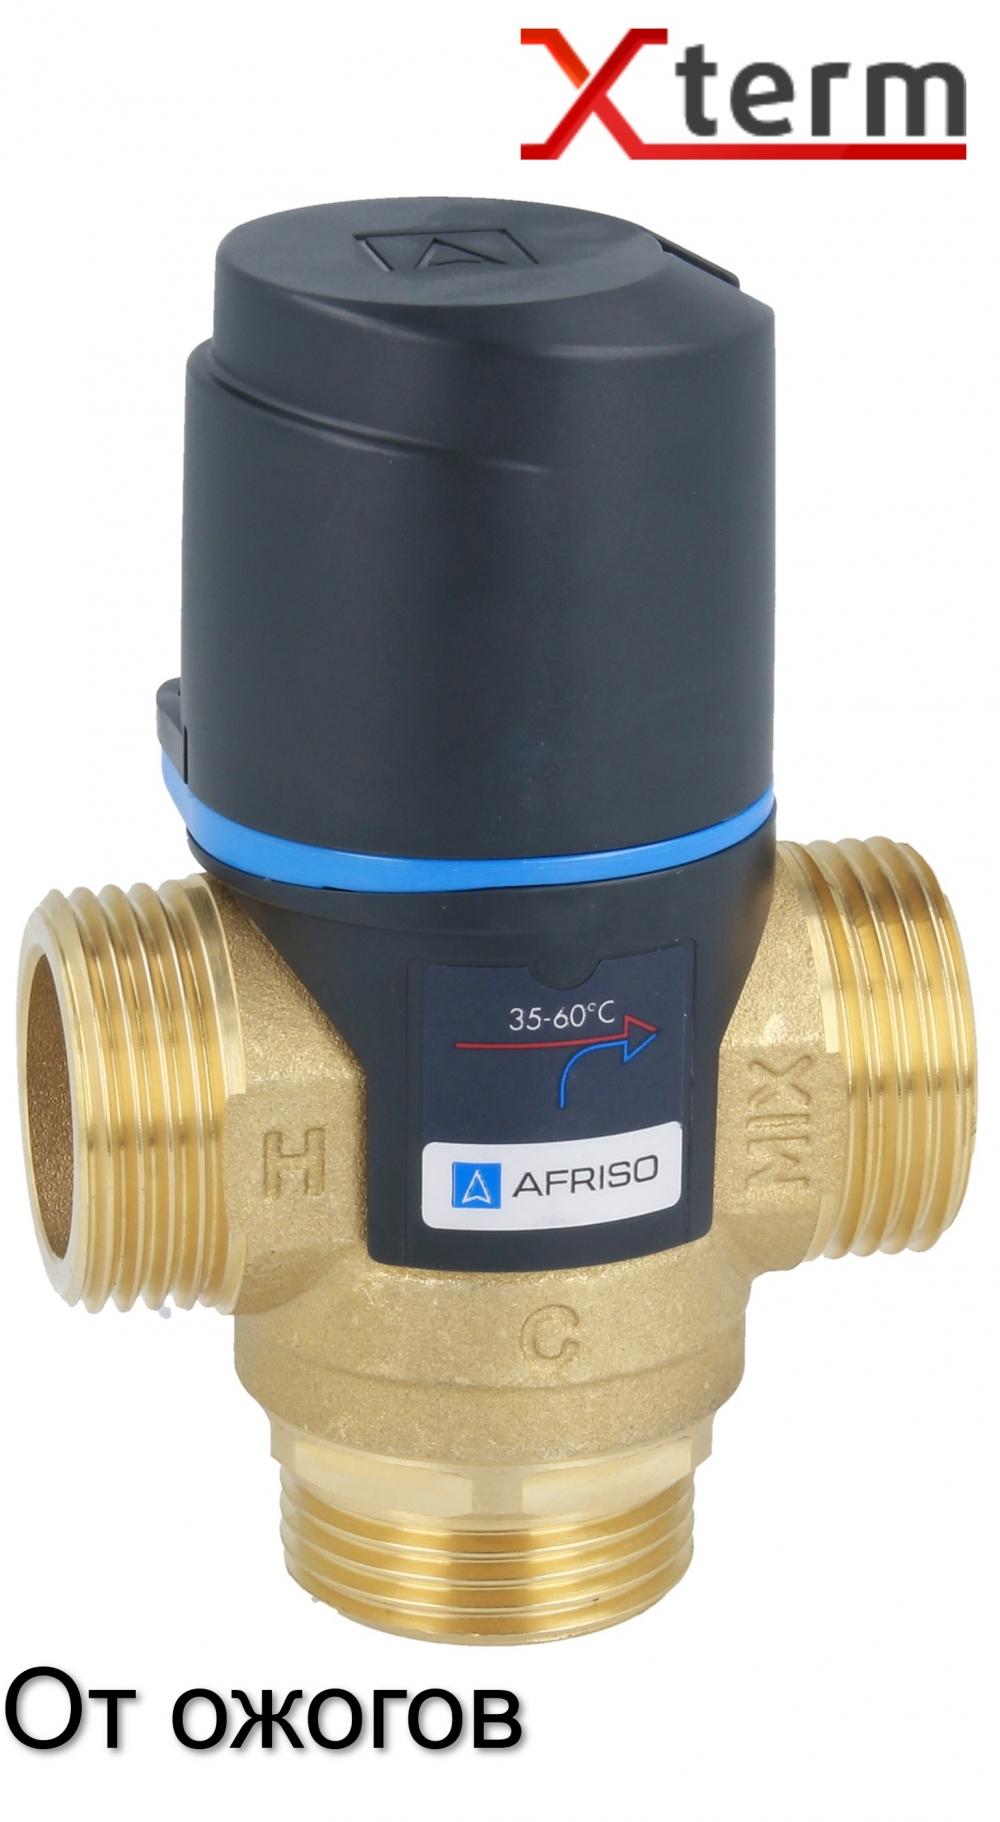 """Клапан от ожогов 1"""" Afriso ATM 363 T=35-60°C G 1"""" DN20 Kvs 1,6 термостатический смесительный  - 4"""